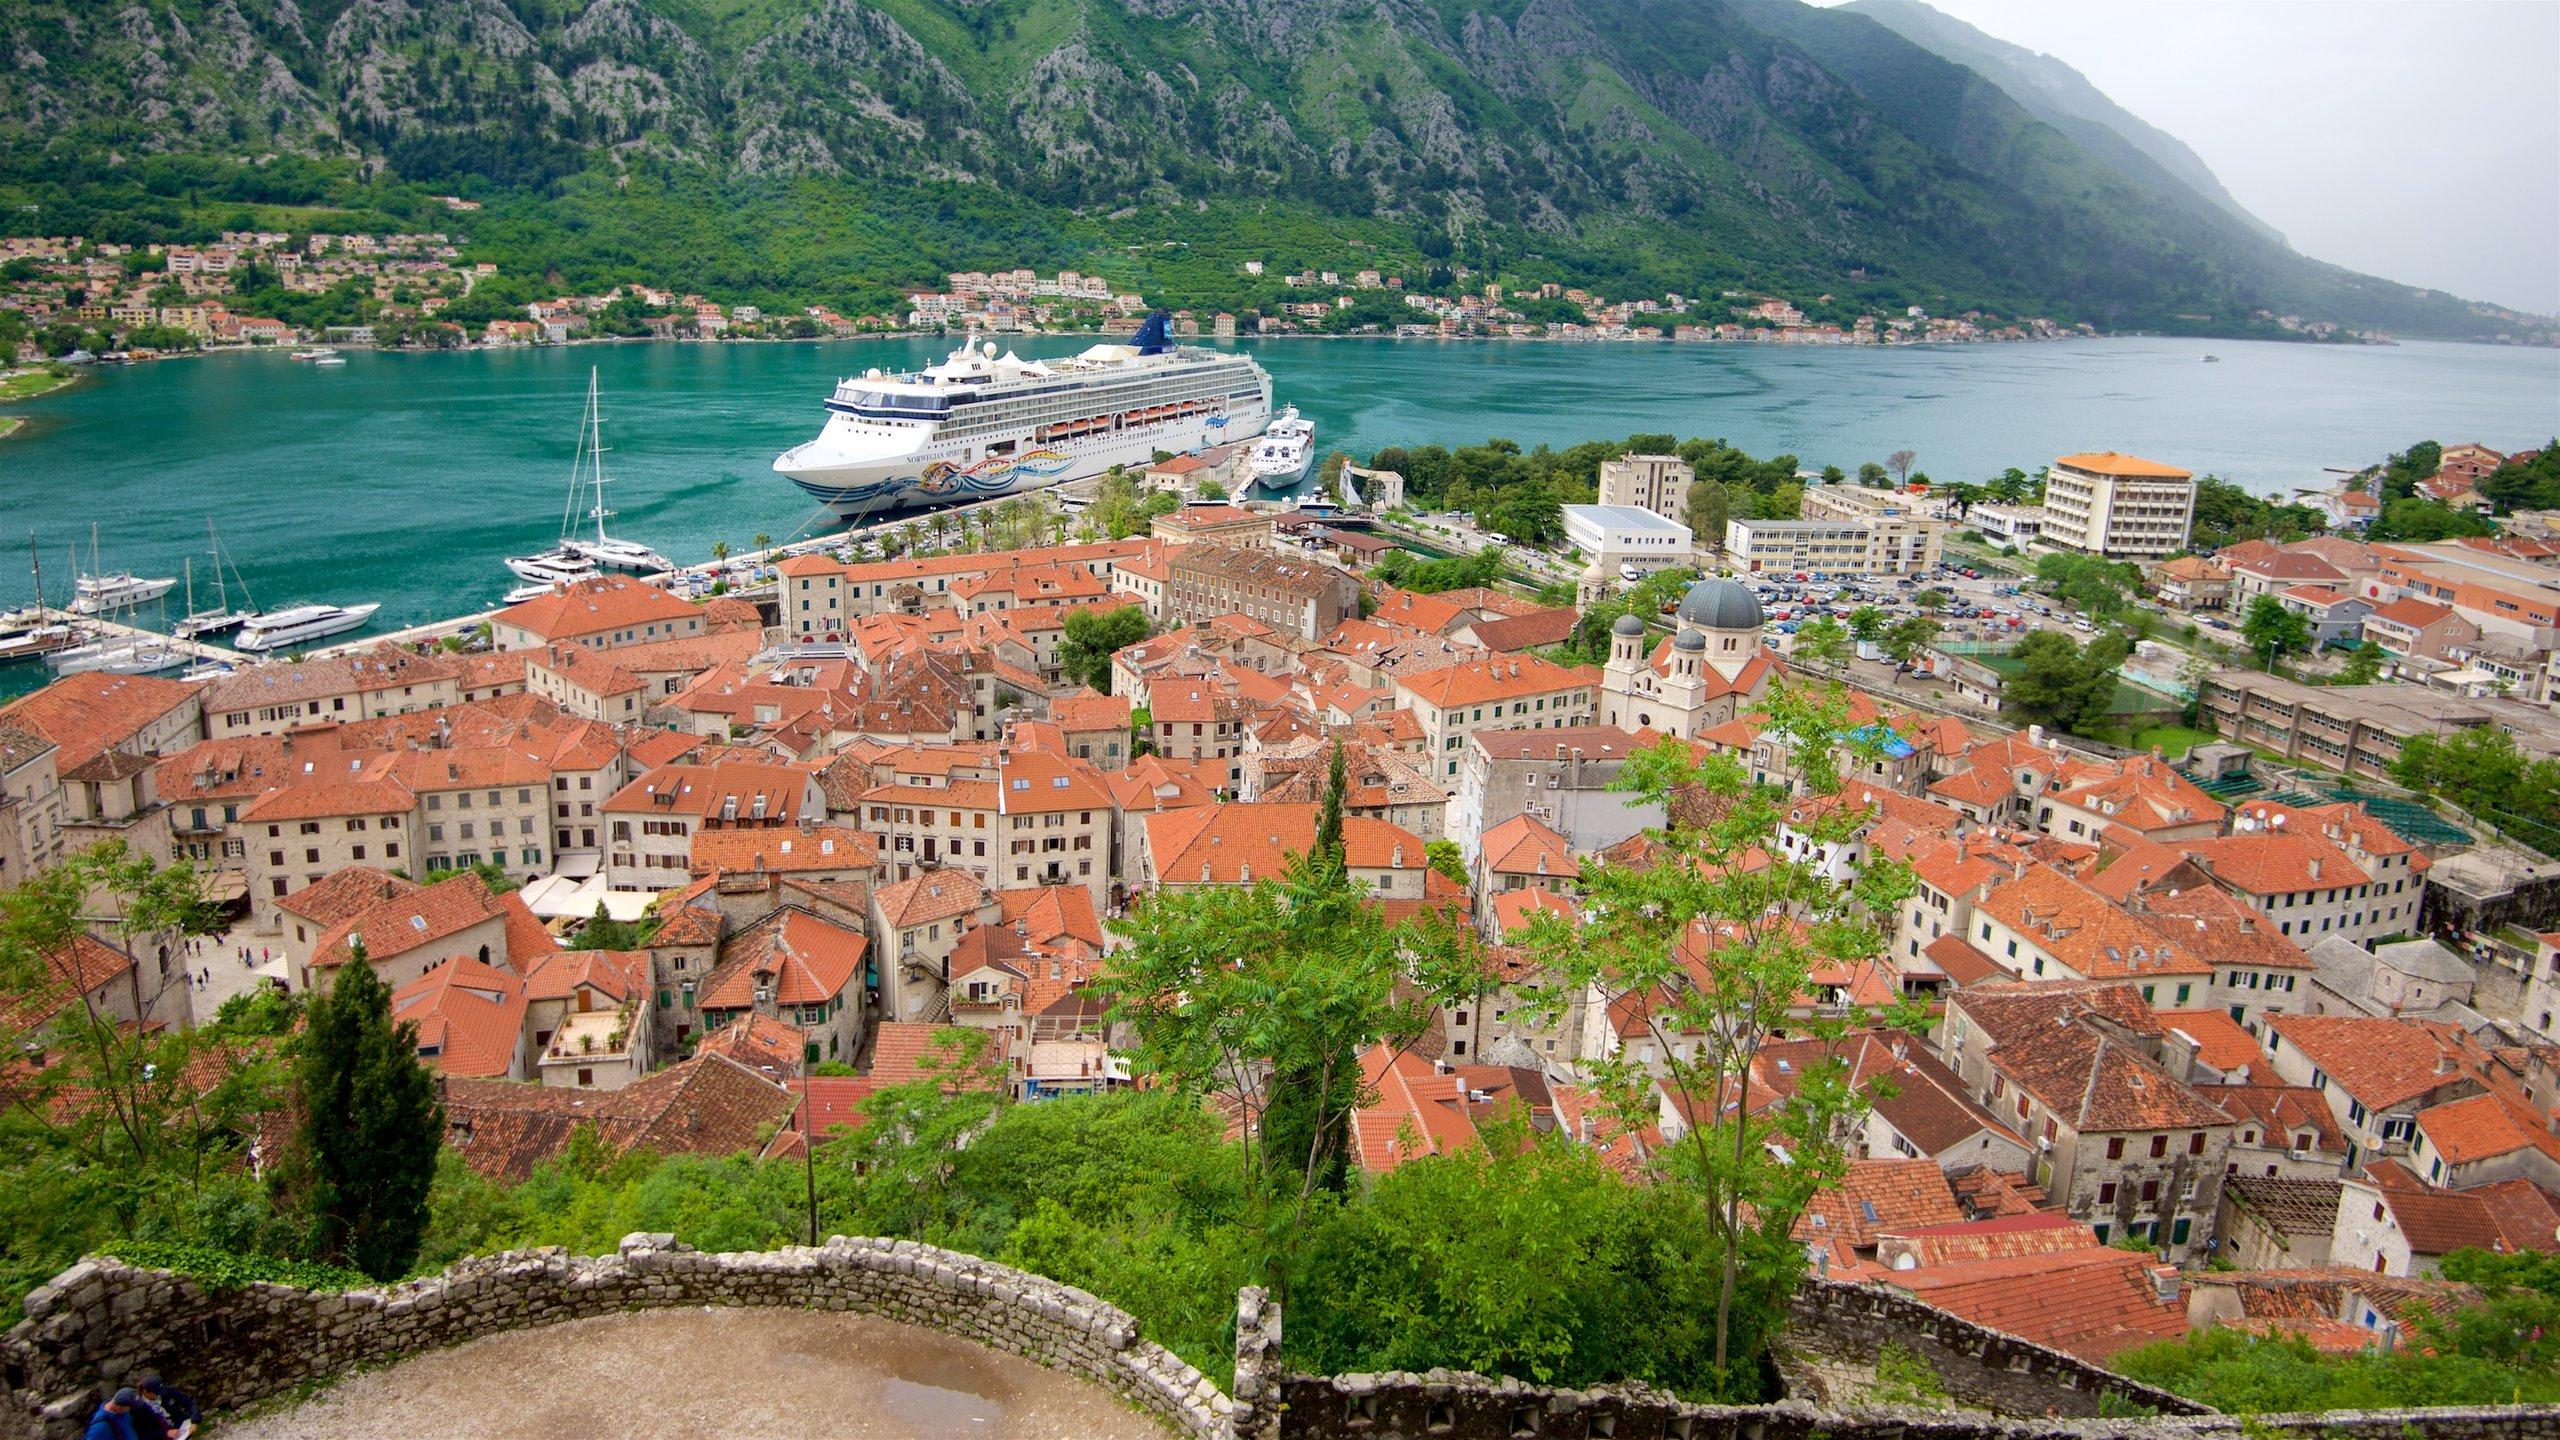 Kotor, Kotor Municipality, Montenegro